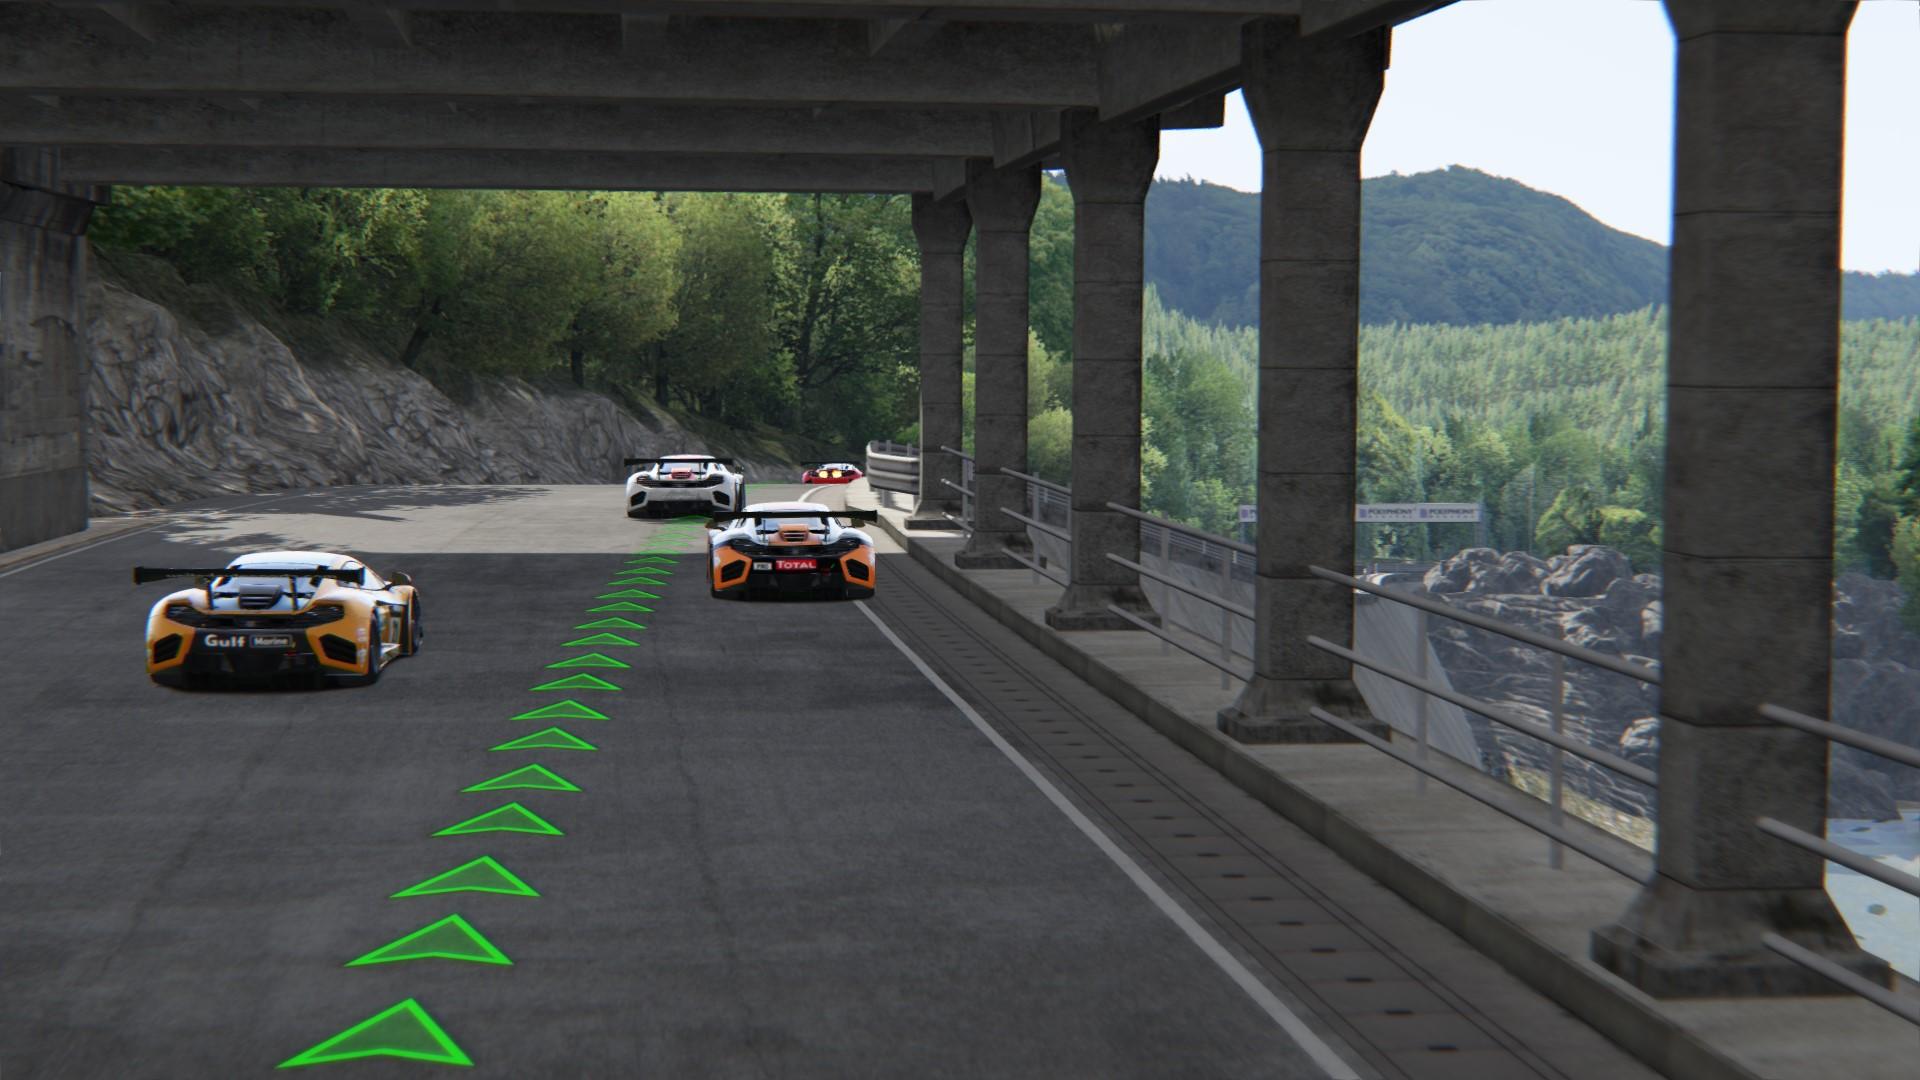 Screenshot_mclaren_mp412c_gt3_deepforest_raceway_1-6-120-22-33-20.jpg